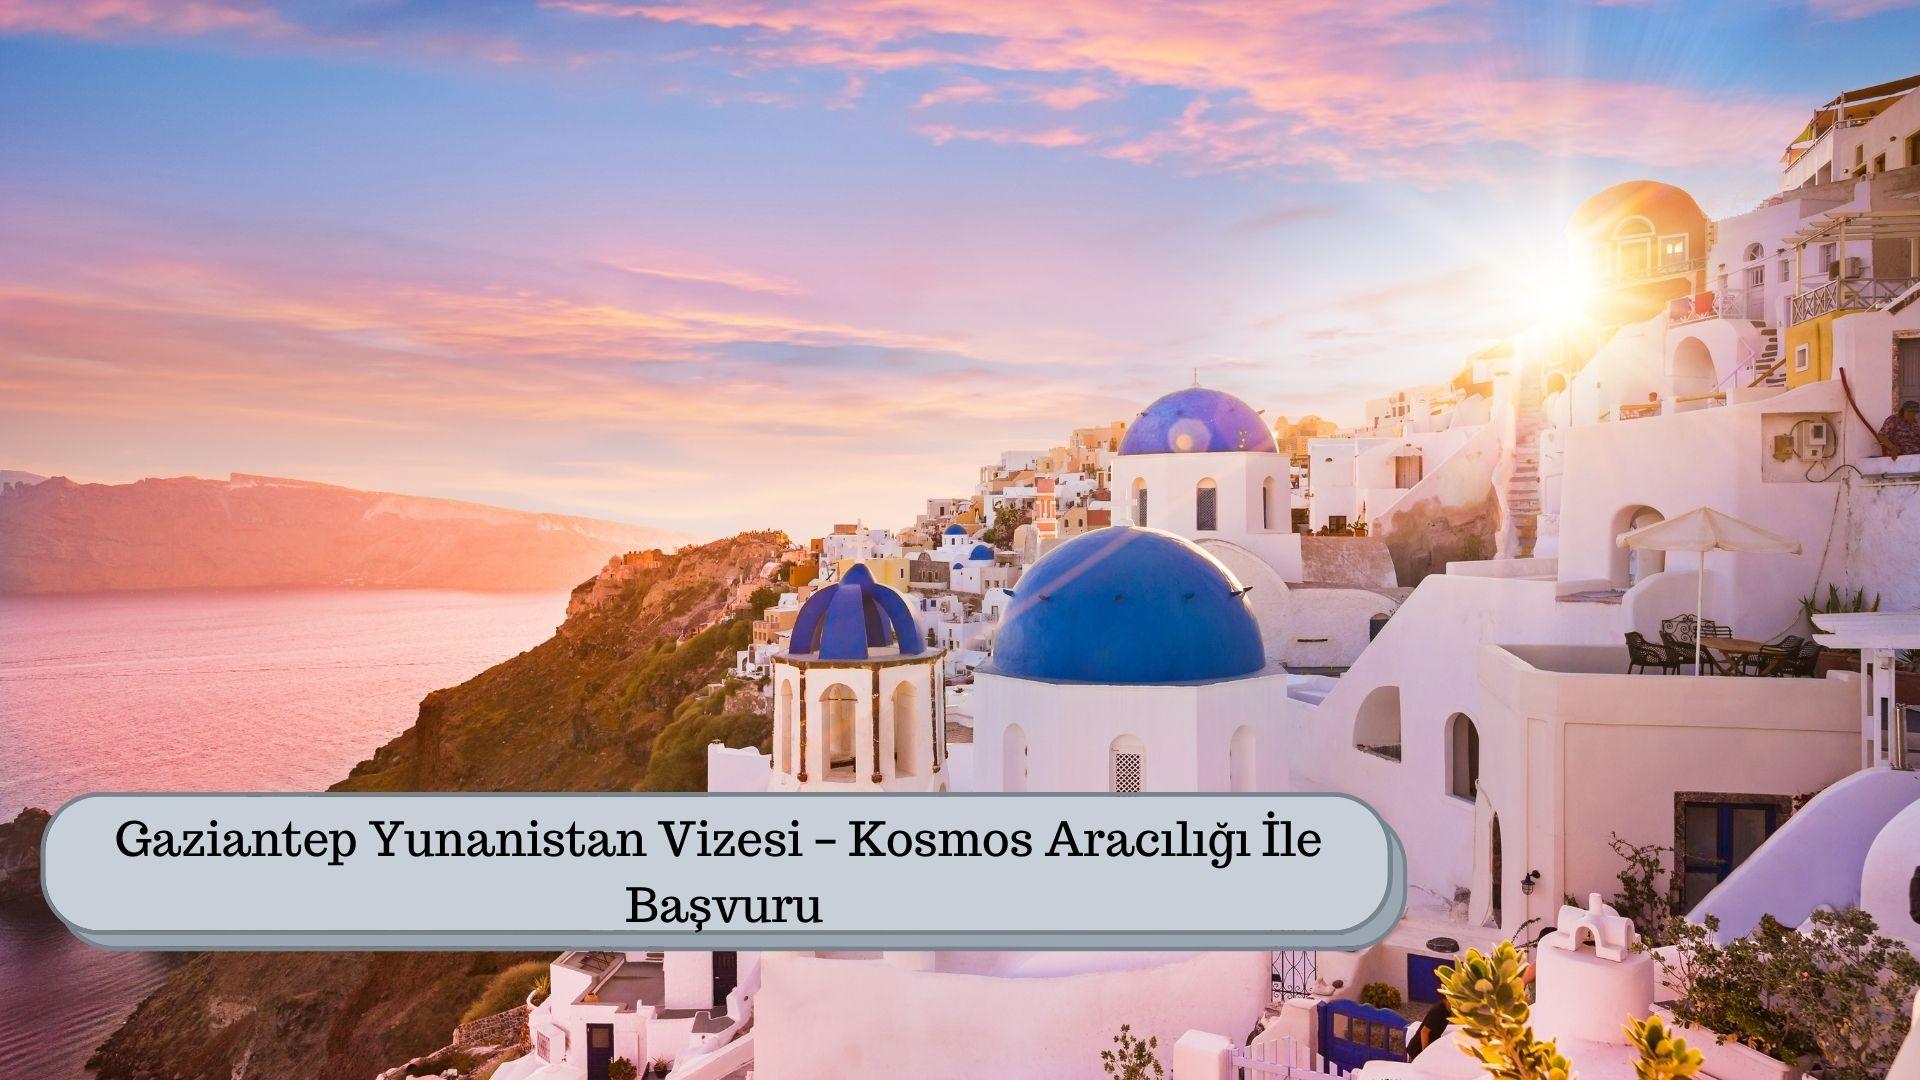 Gaziantep Yunanistan Vizesi – Kosmos Aracılığı İle Başvuru